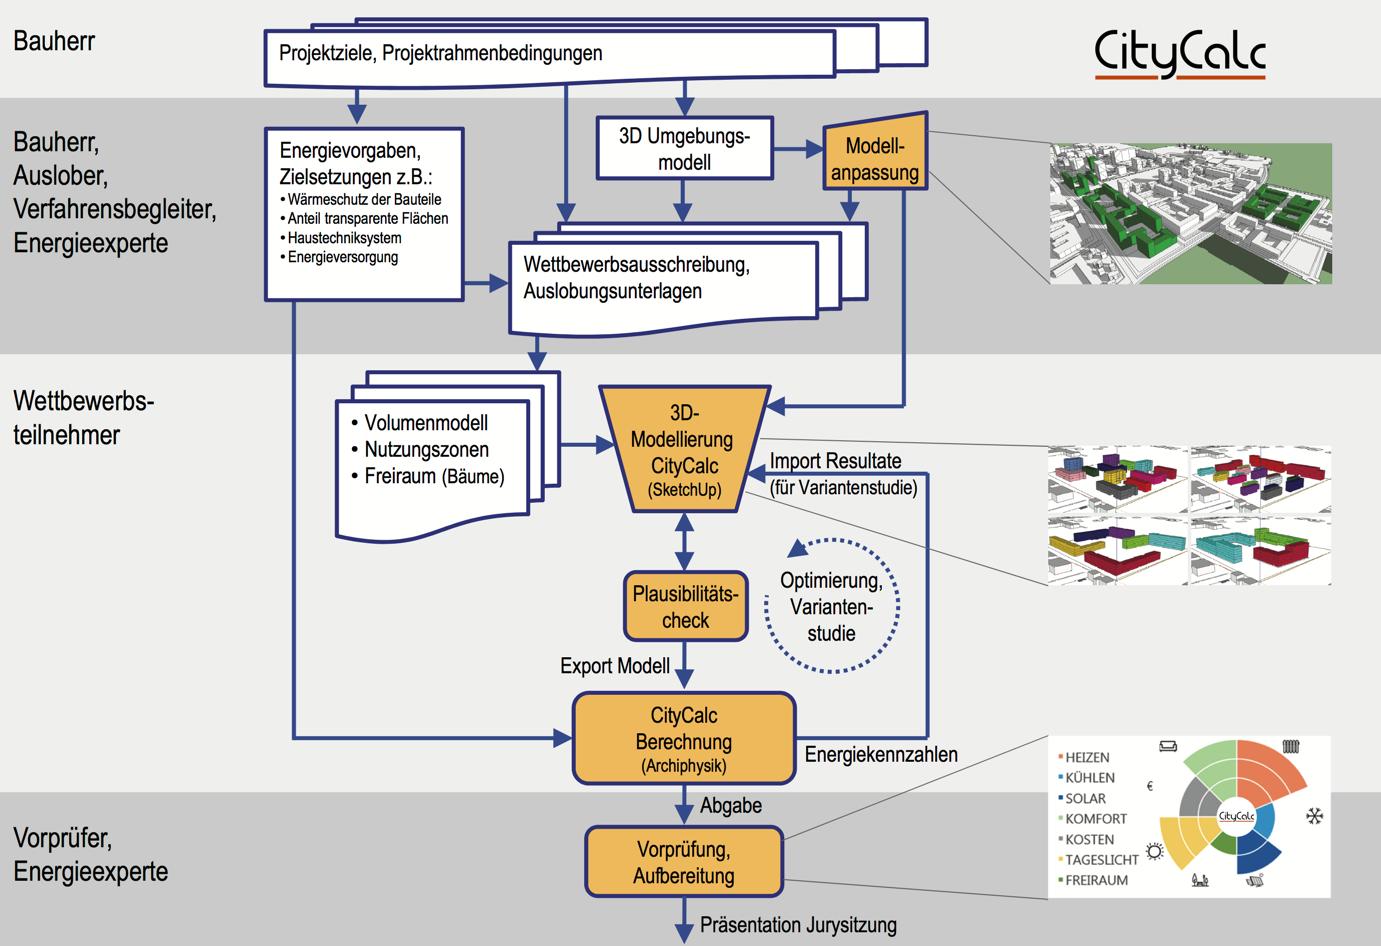 Städtebauliche Wettbewerbe mit Energieeffizienz CityCalc ablauf diagramm architektur wettbewerb bauherr auslober experte energie vorpruefer